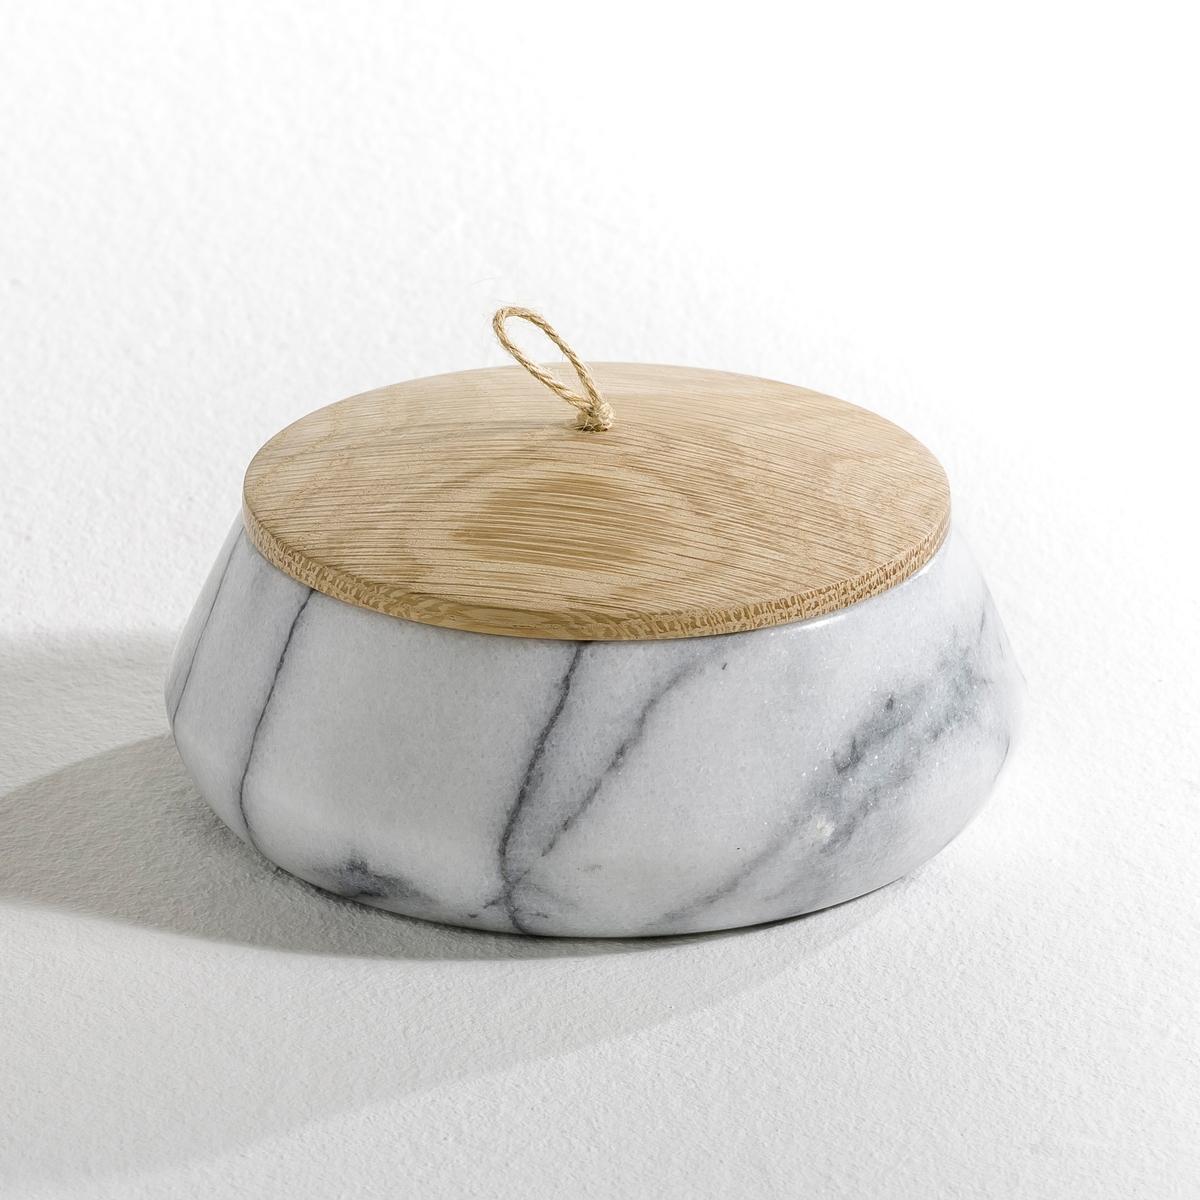 Горшок цветочный круглый из мрамора, EdwaldХарактеристики: - Выполнен из белого мрамора каждое изделие уникально, а рисунок на нем может отличаться от образца.- Крышка из натурального дуба с ручкой из сизаля.Размеры:- ?13,8 x В. 5 см.<br><br>Цвет: белый мрамор<br>Размер: единый размер